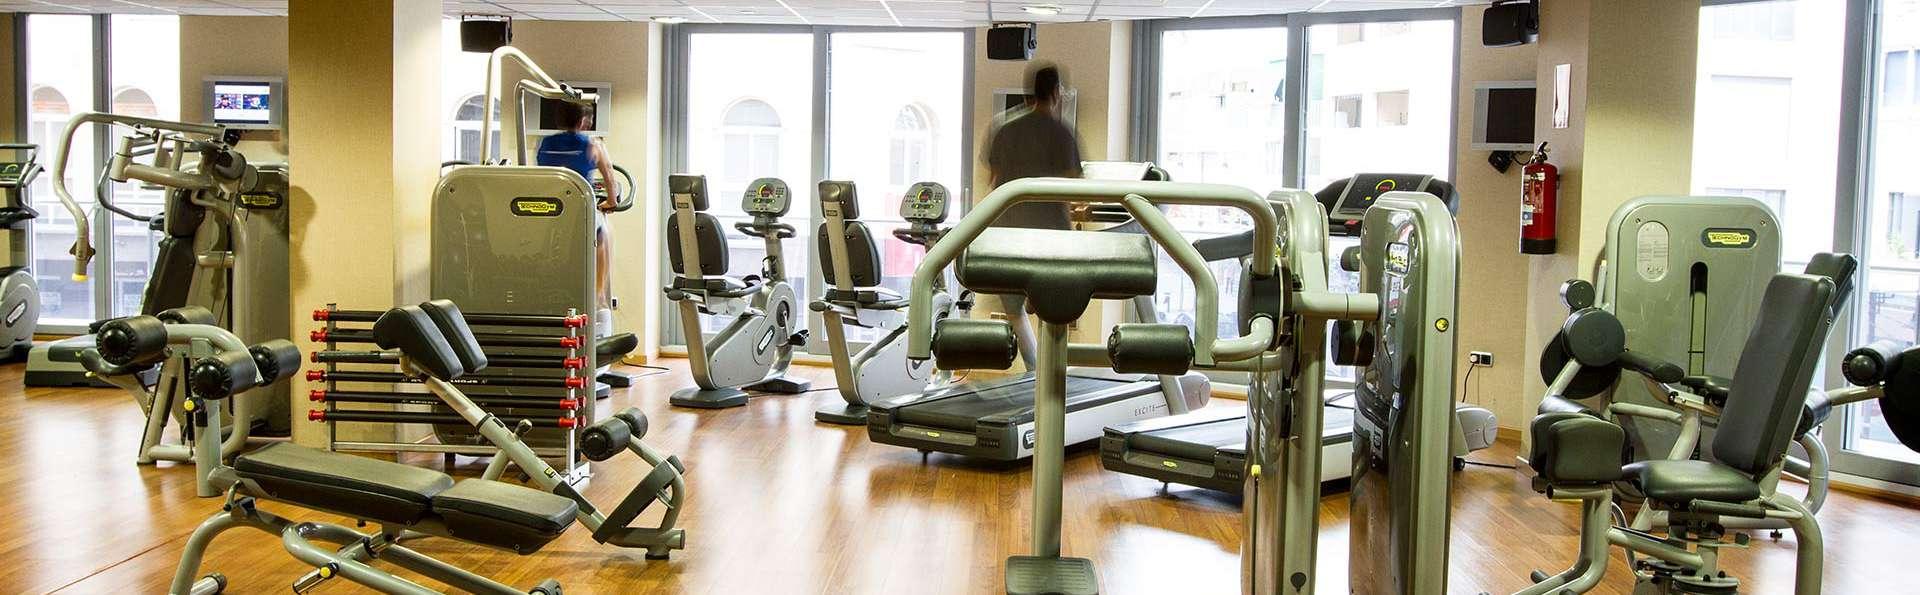 Gran Hotel Sol y Mar (Adults Only) - EDIT_gym.jpg